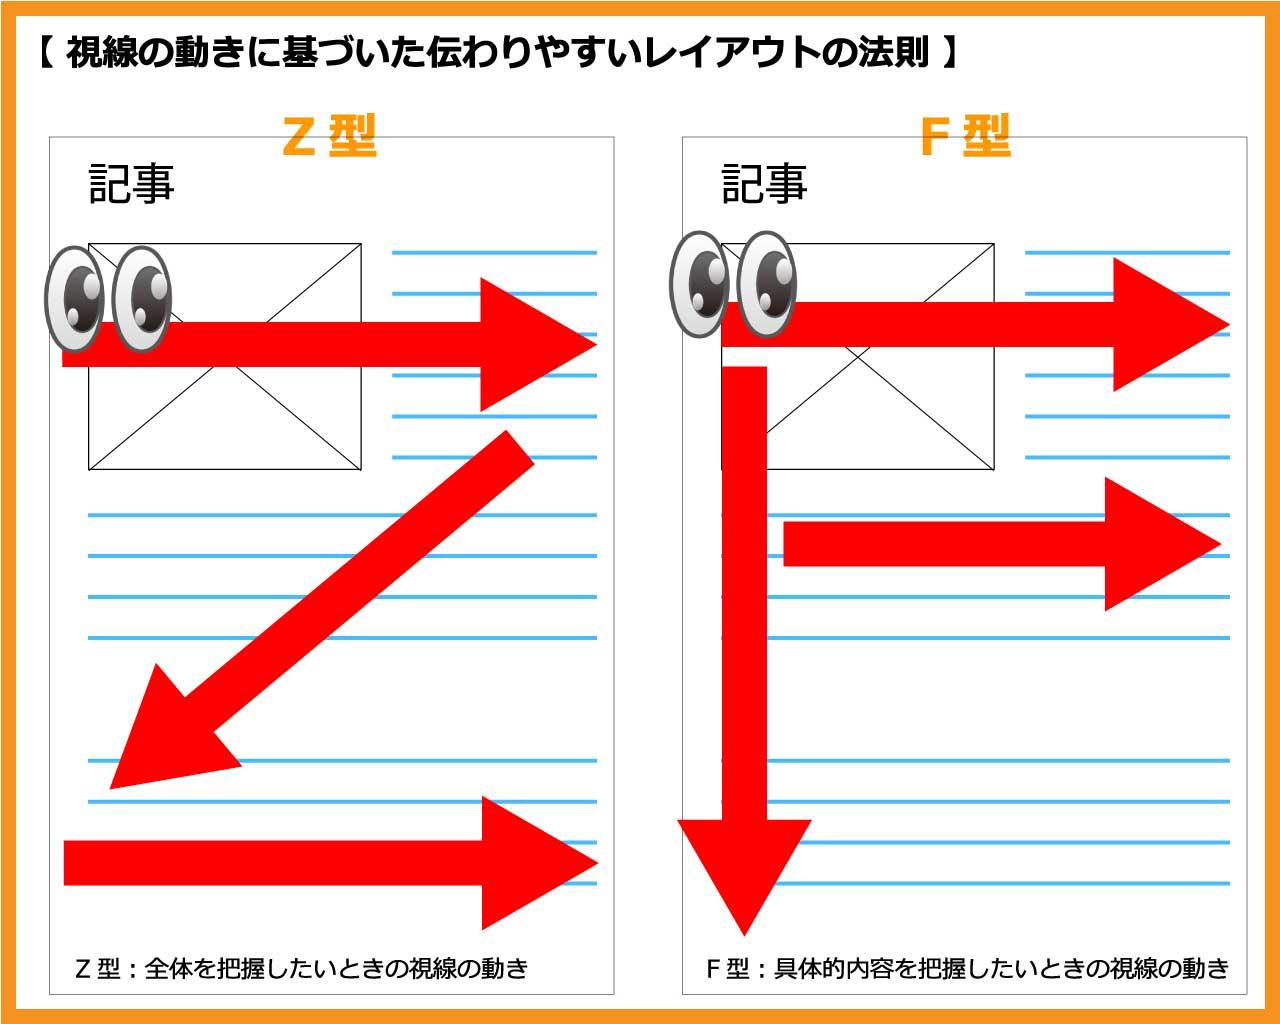 視線の動きに基づいた伝わりやすいレイアウトの法則